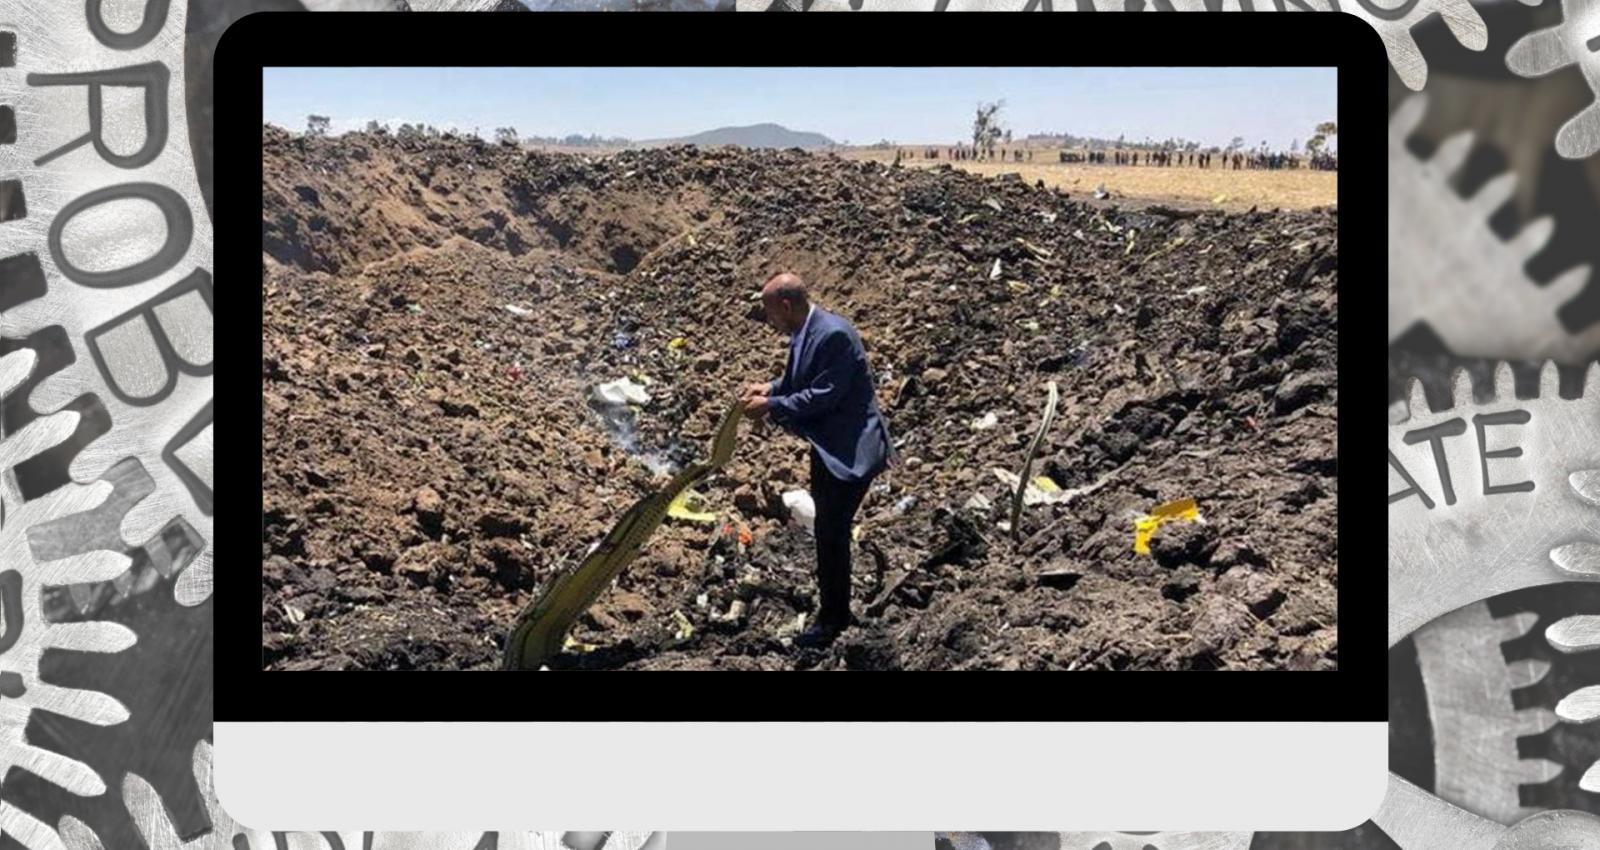 comunicacion-de-crisis-ethiopian3